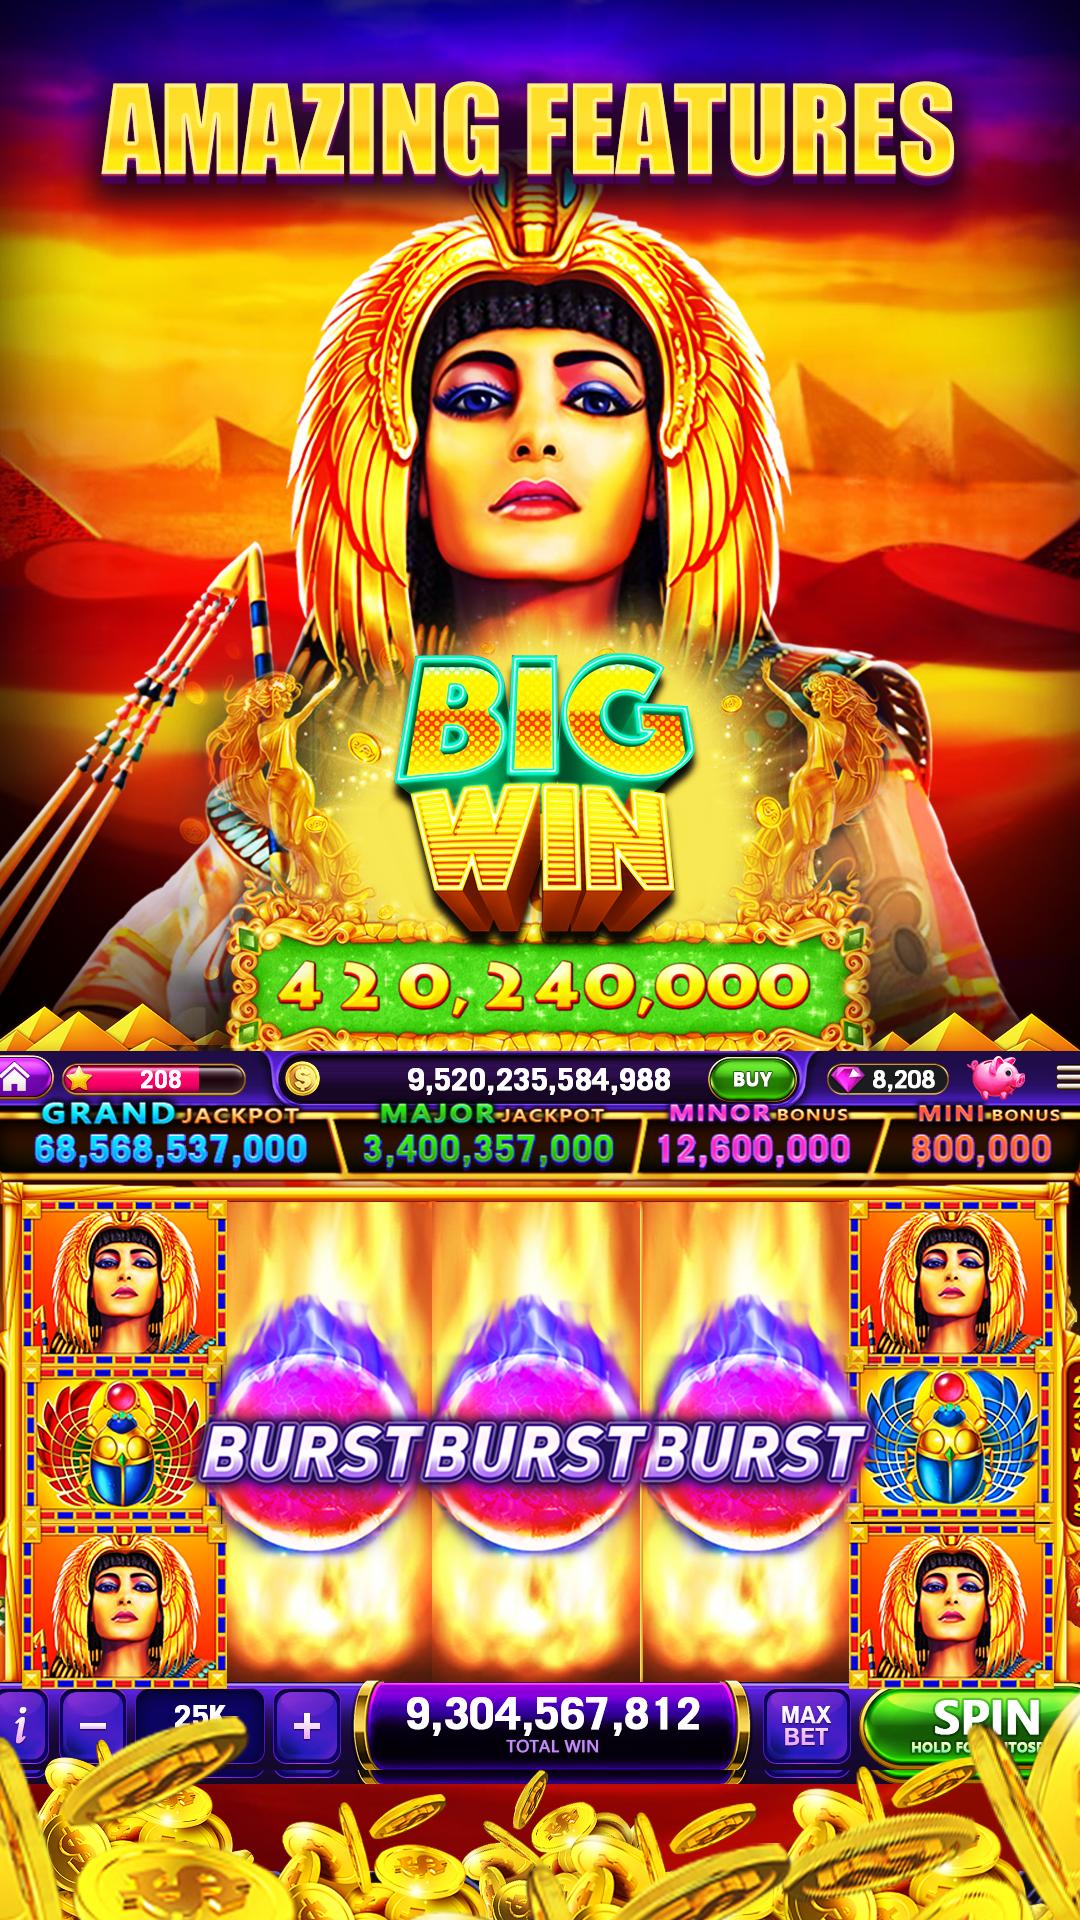 slots machine in casino